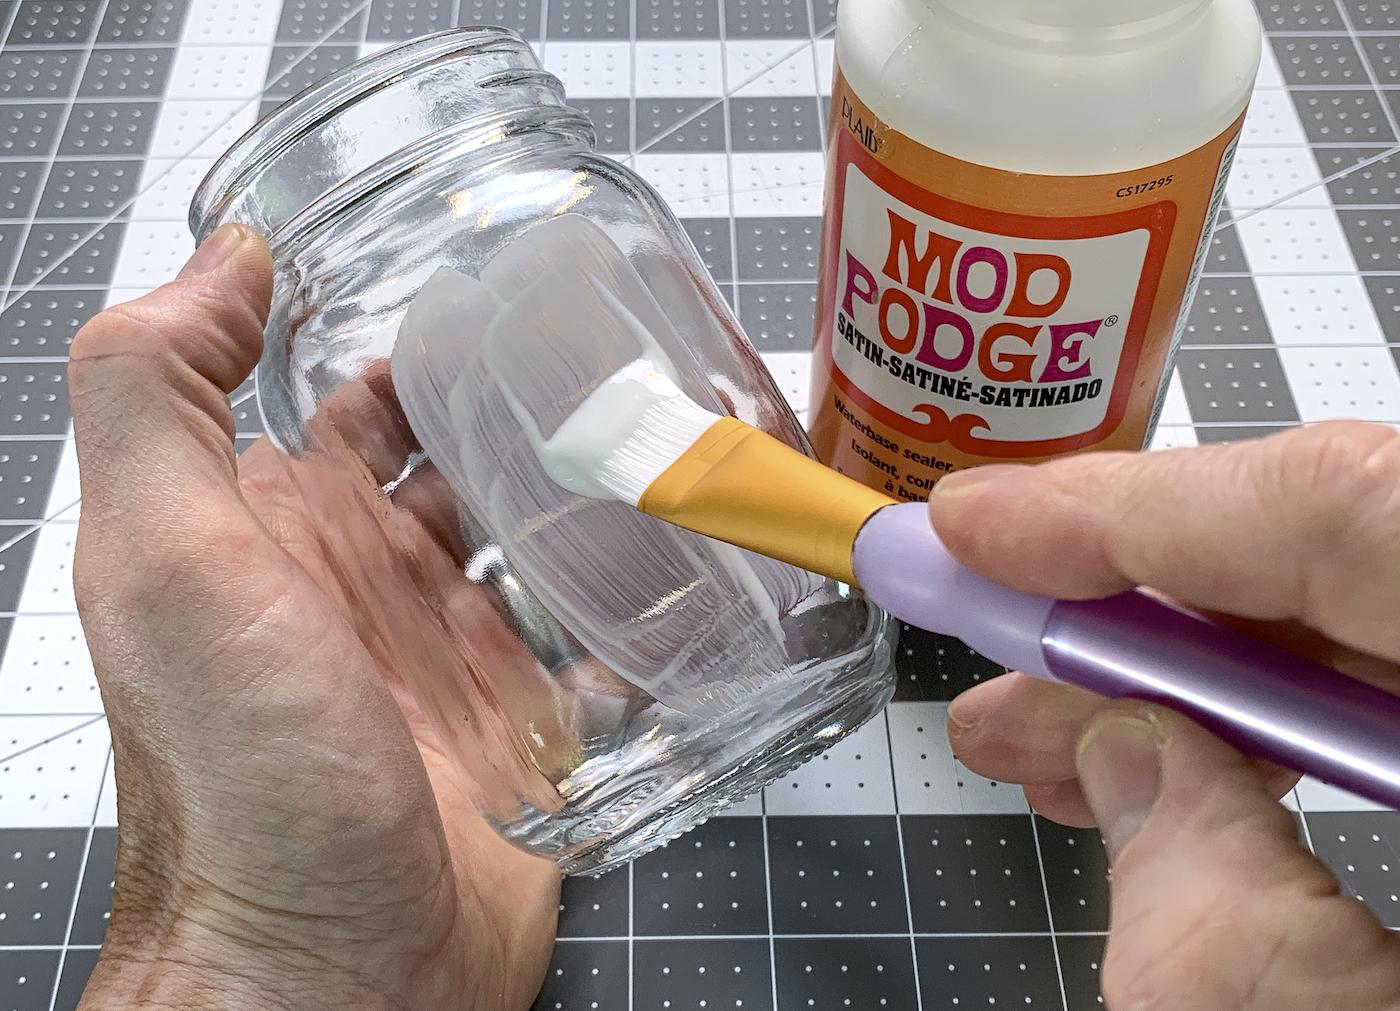 Pintando Mod Podge do lado de fora de um frasco de vidro com um pincel